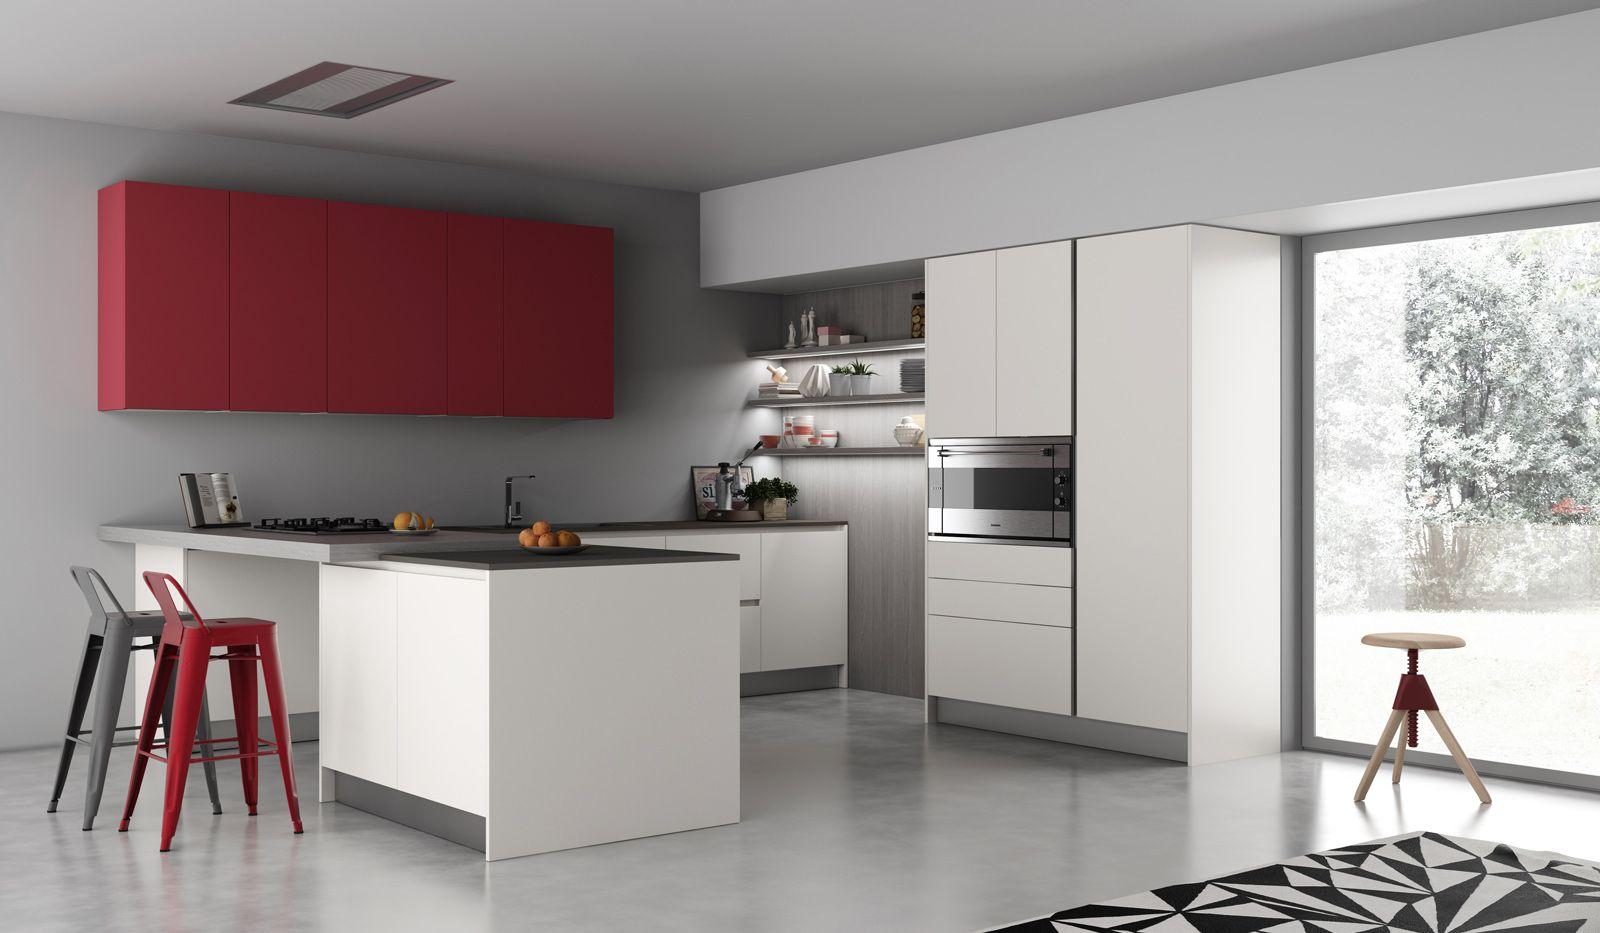 Cucina panna e ciliegio - Cucine ciliegio moderne ...